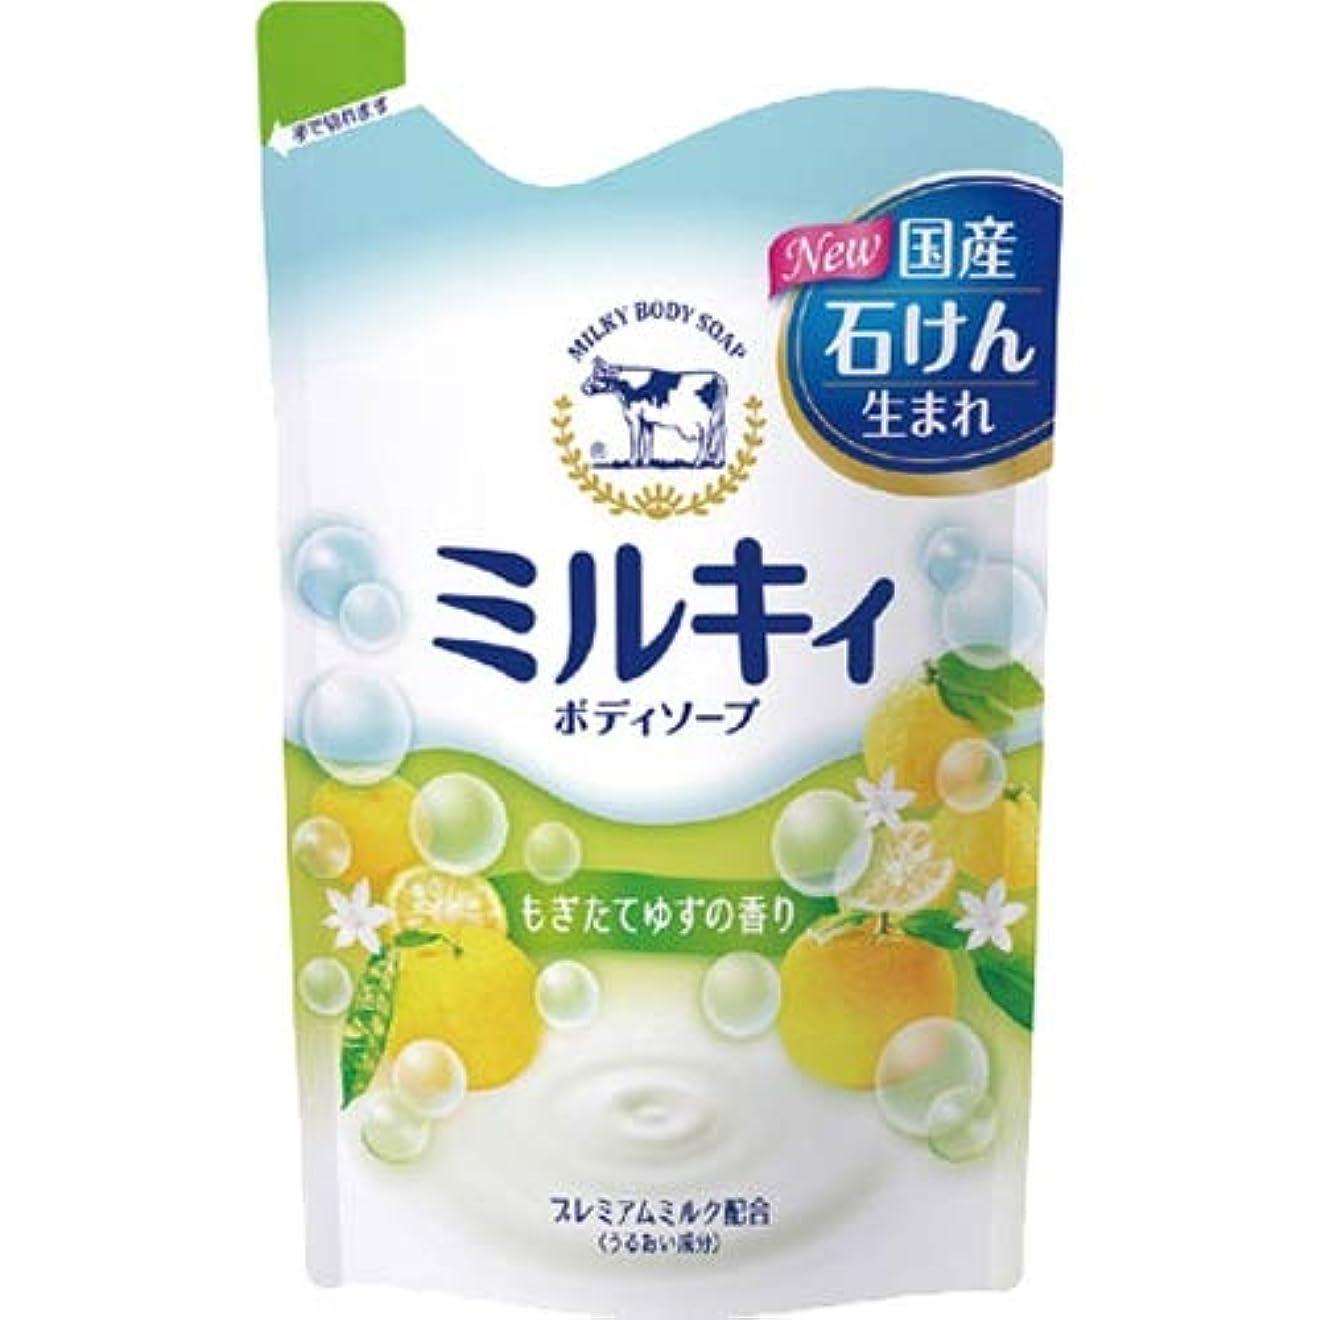 失敗悪化する言うミルキィ ボディソープ シトラスソープの香り 詰替用400mL